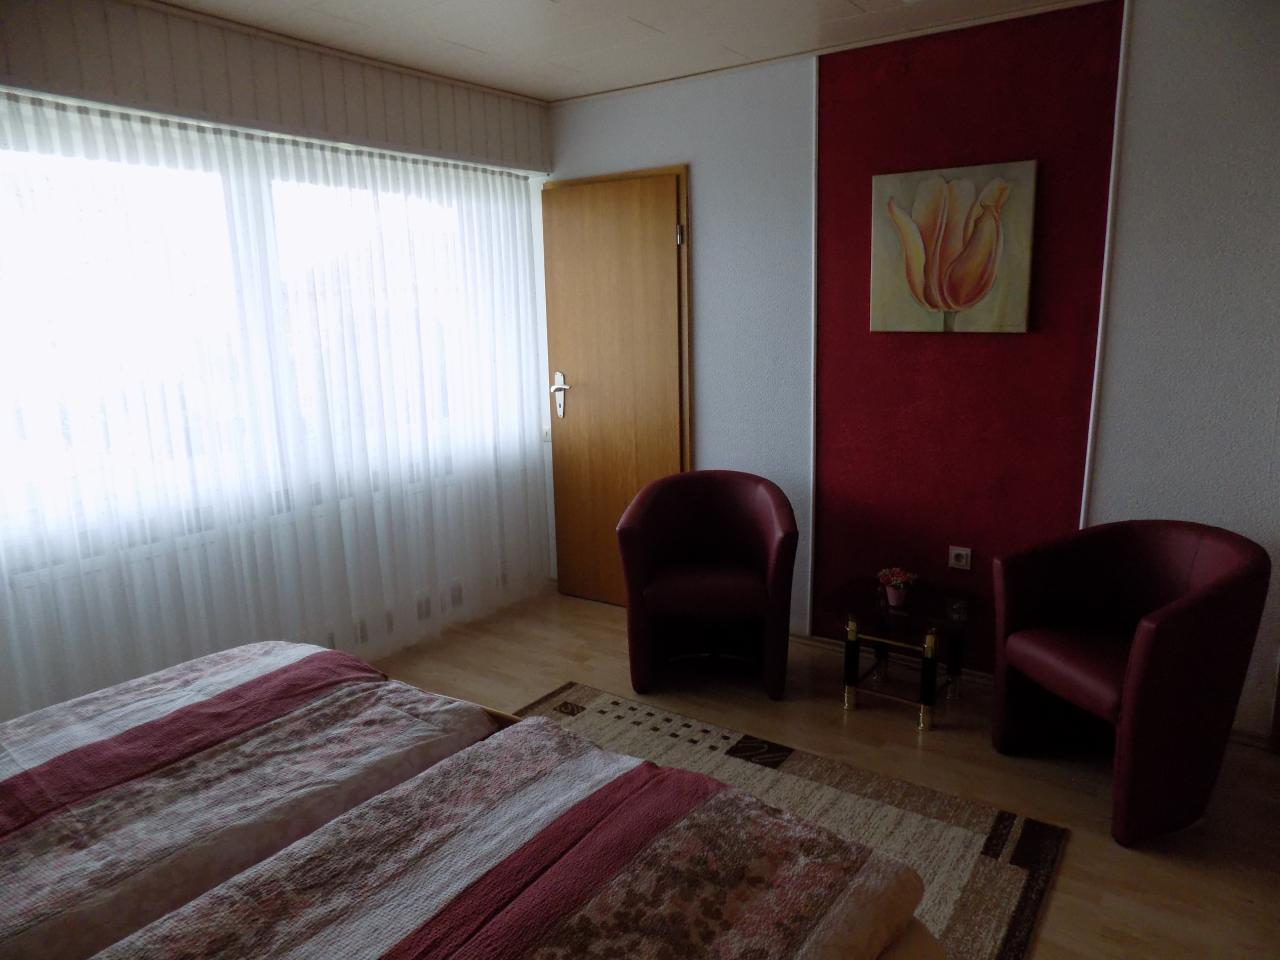 Ferienwohnung Haus Alexandra Fewo1 **** DTV (166446), Schöneberg, Hunsrück, Rheinland-Pfalz, Deutschland, Bild 17